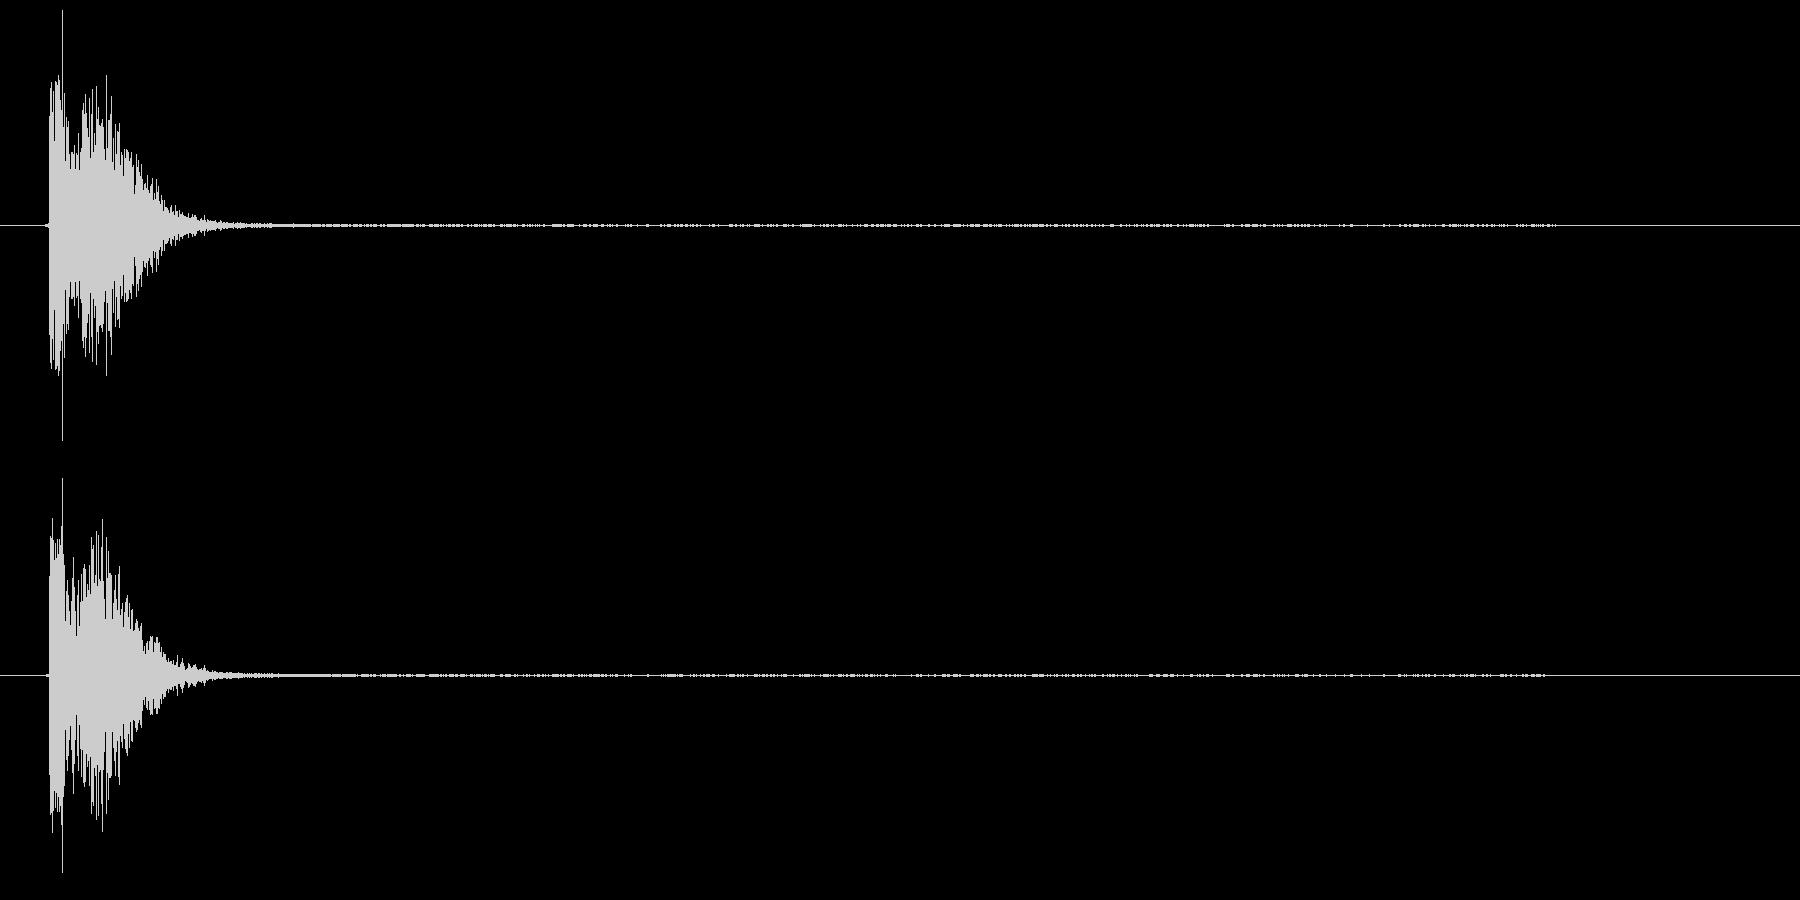 コンコン_咳5の未再生の波形